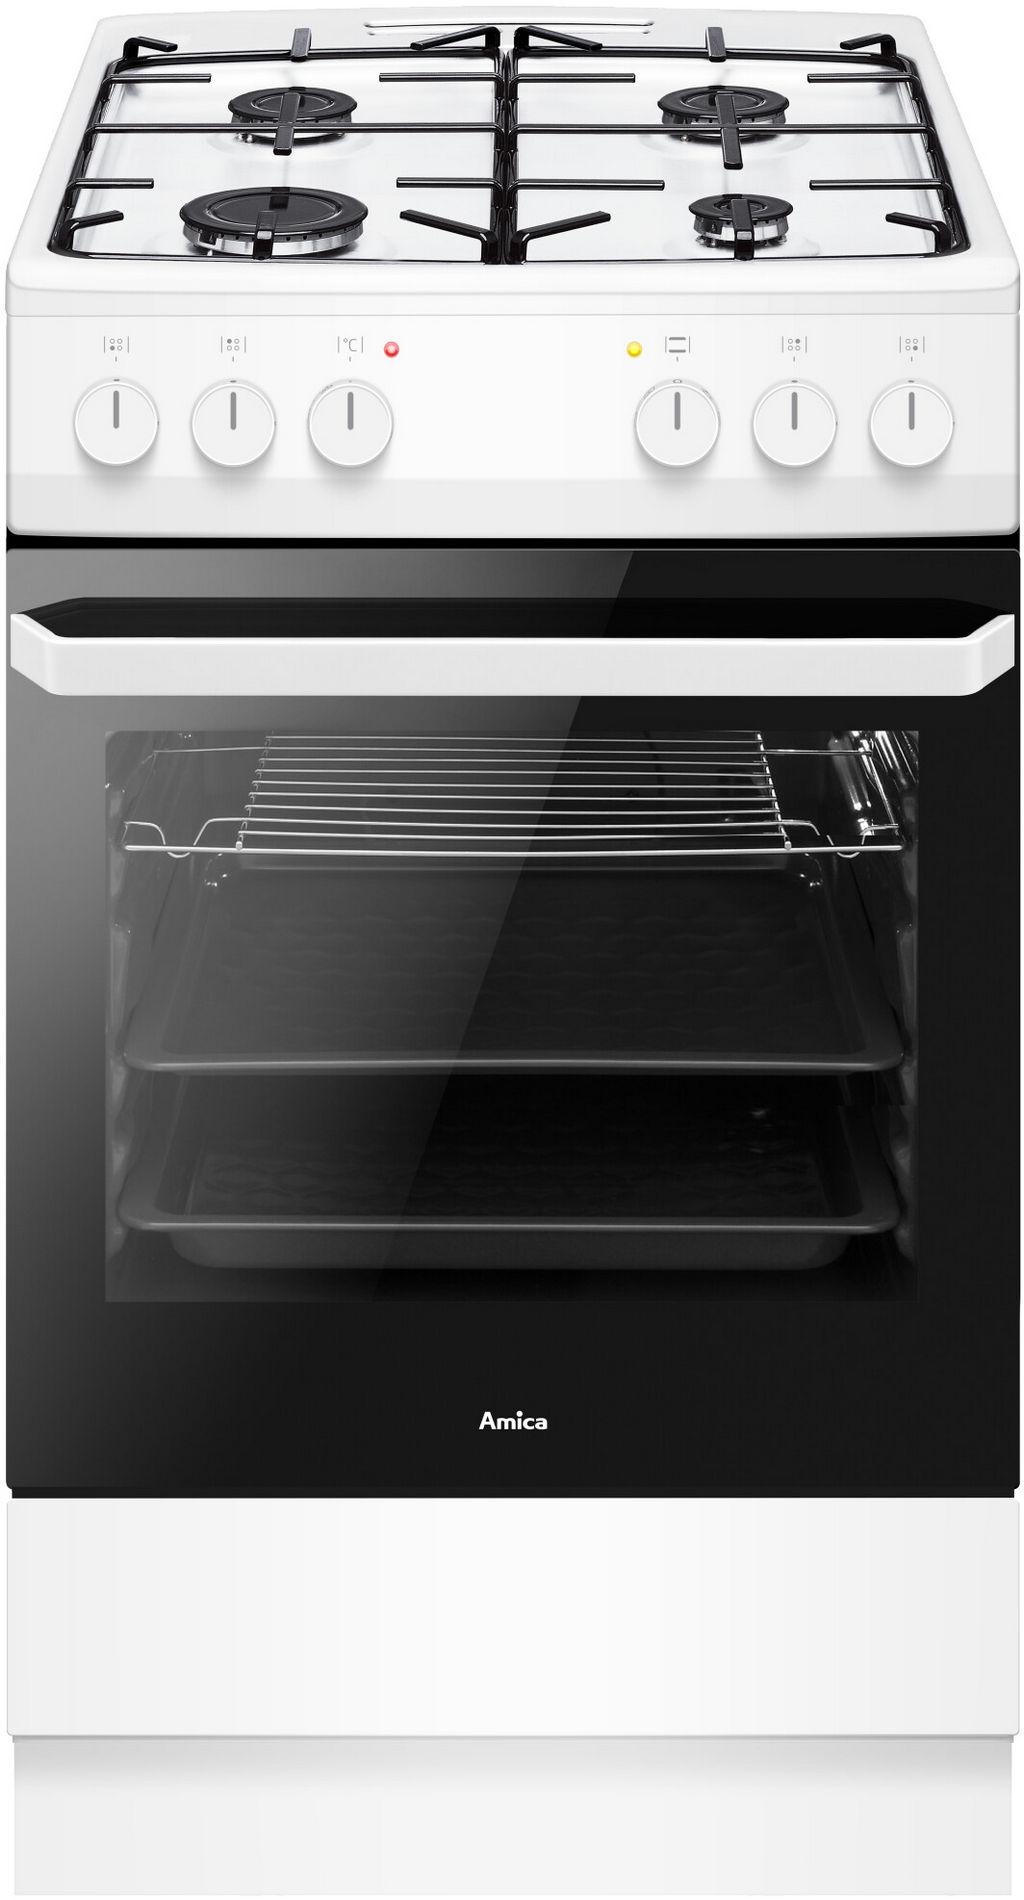 Kuchnia wolnostojąca gazowo elektryczna 500 58GE1 23PF(W   -> Kuchnia Amica Drzwi